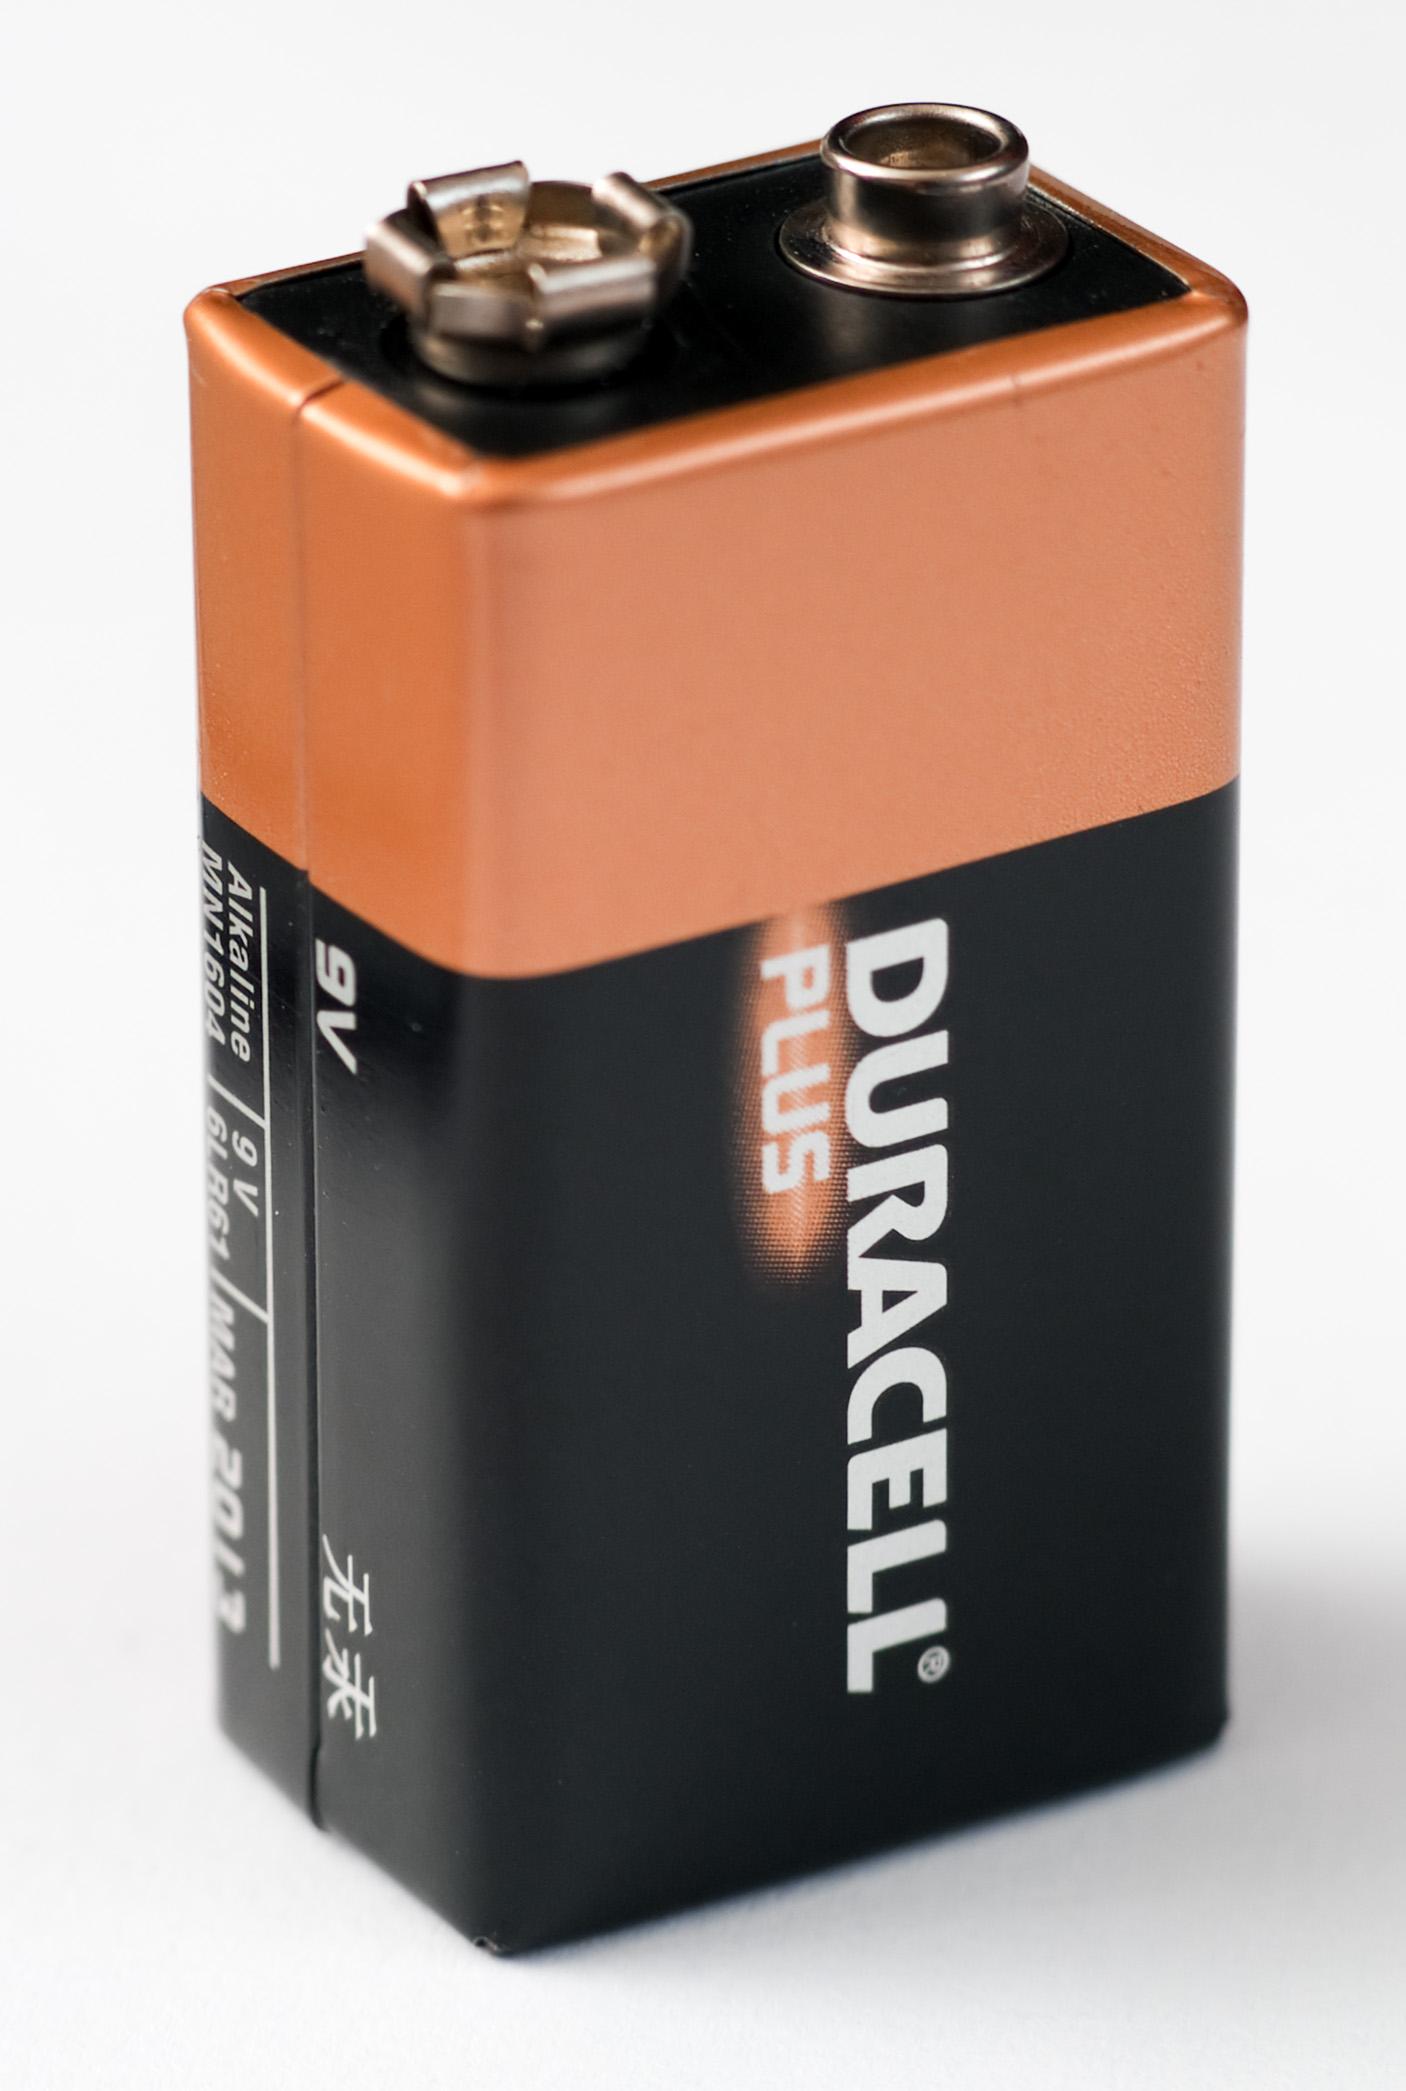 A Duracell Battery